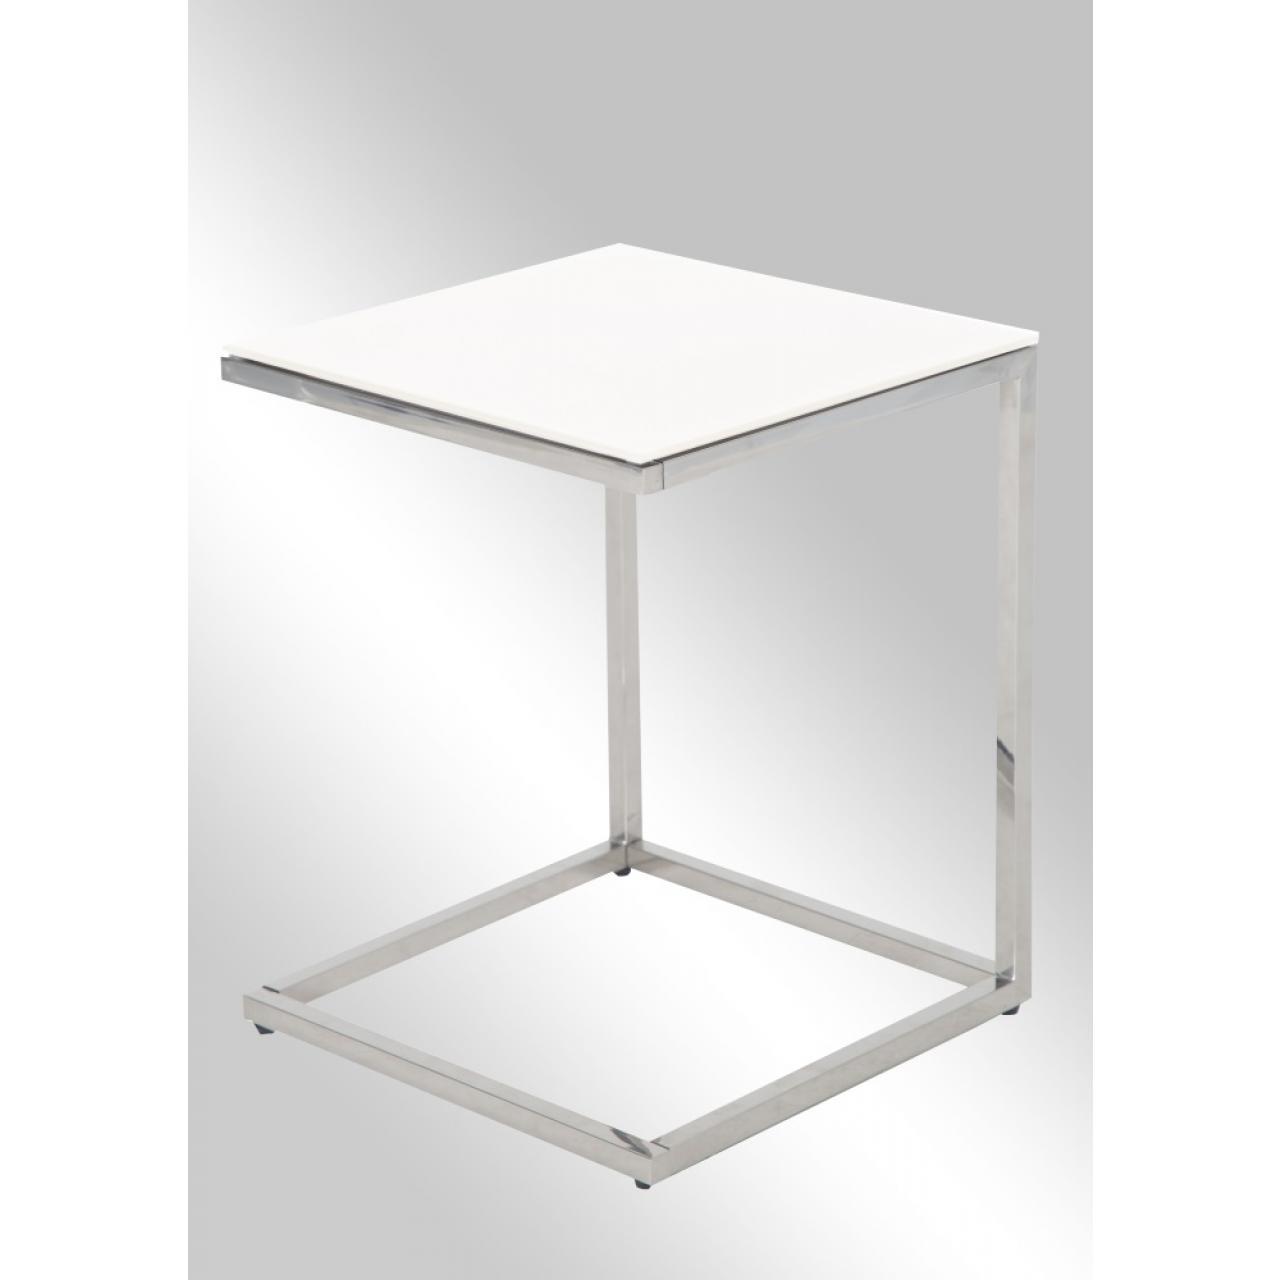 Beistelltisch Chic Ii Metal Edelstahl Silber Glas Weiss